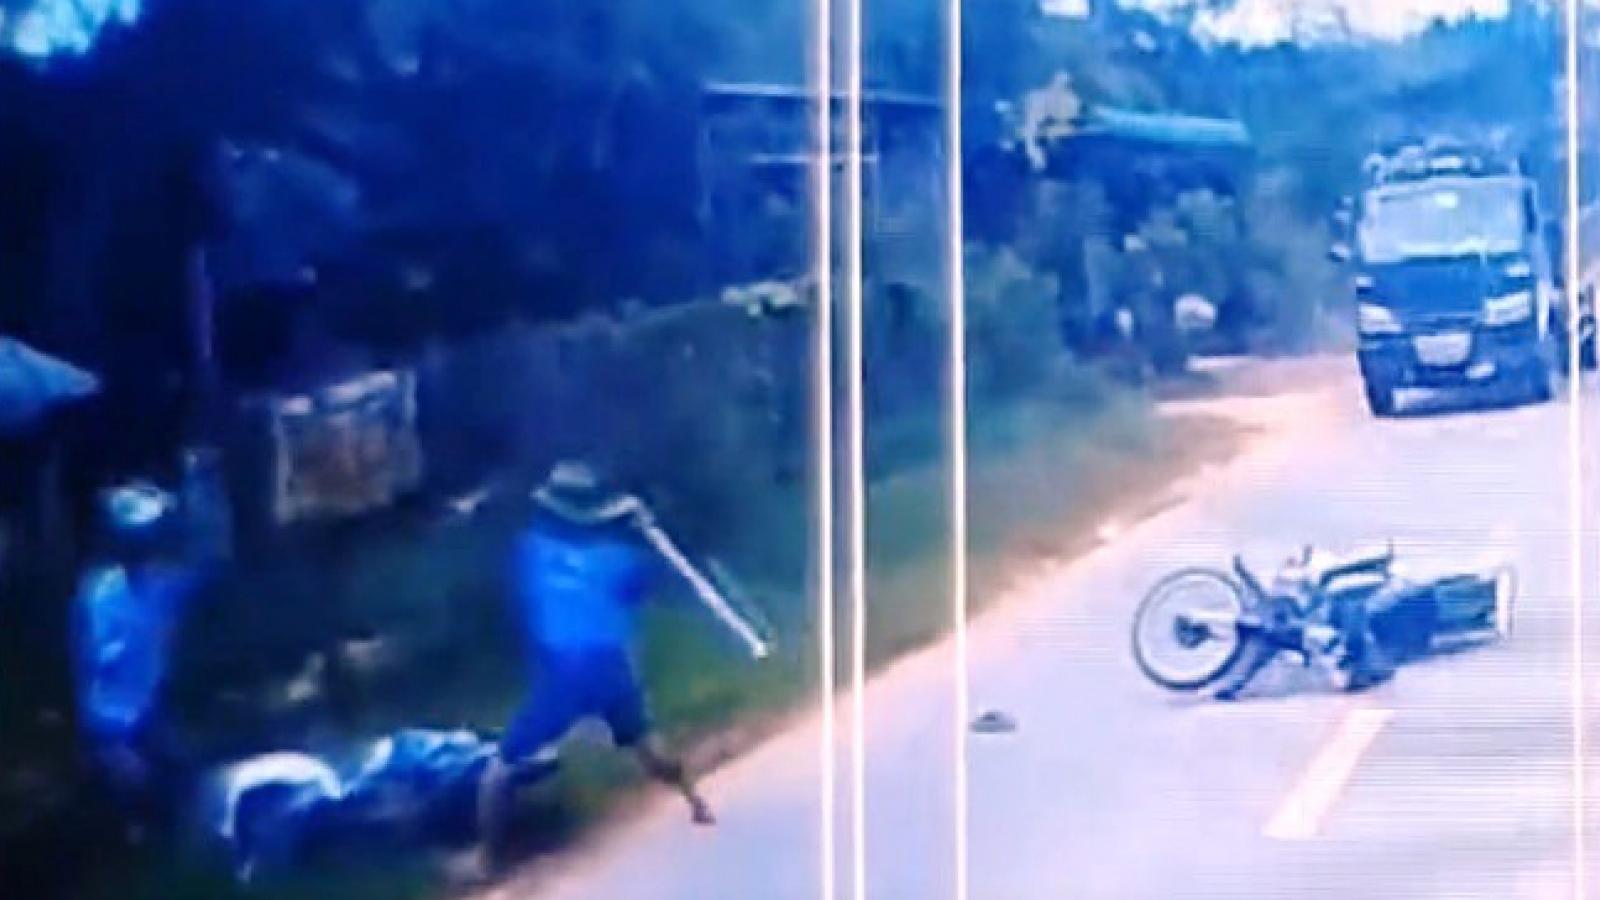 Phẫn nộ cảnh nam thanh niên bị đánh sau va chạm giao thông ở Bình Phước